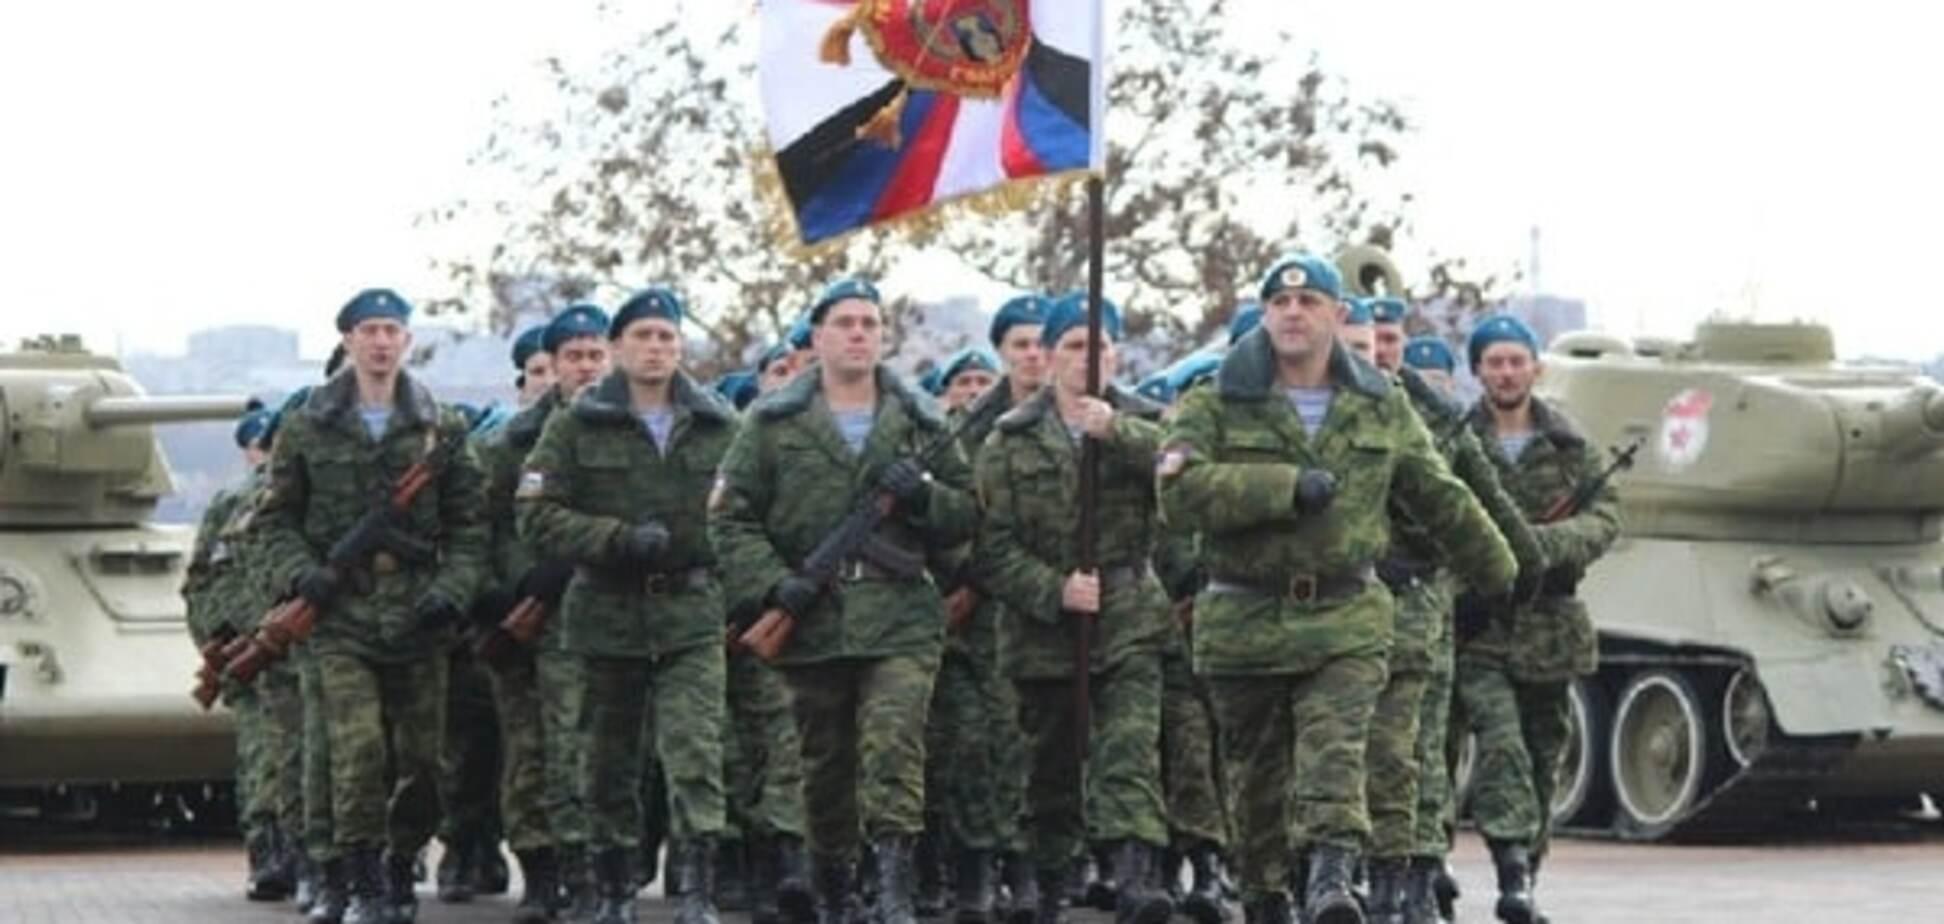 Ще одна загадкова смерть: в соцмережах терористи почали оплакувати 'підполковника ДНР'